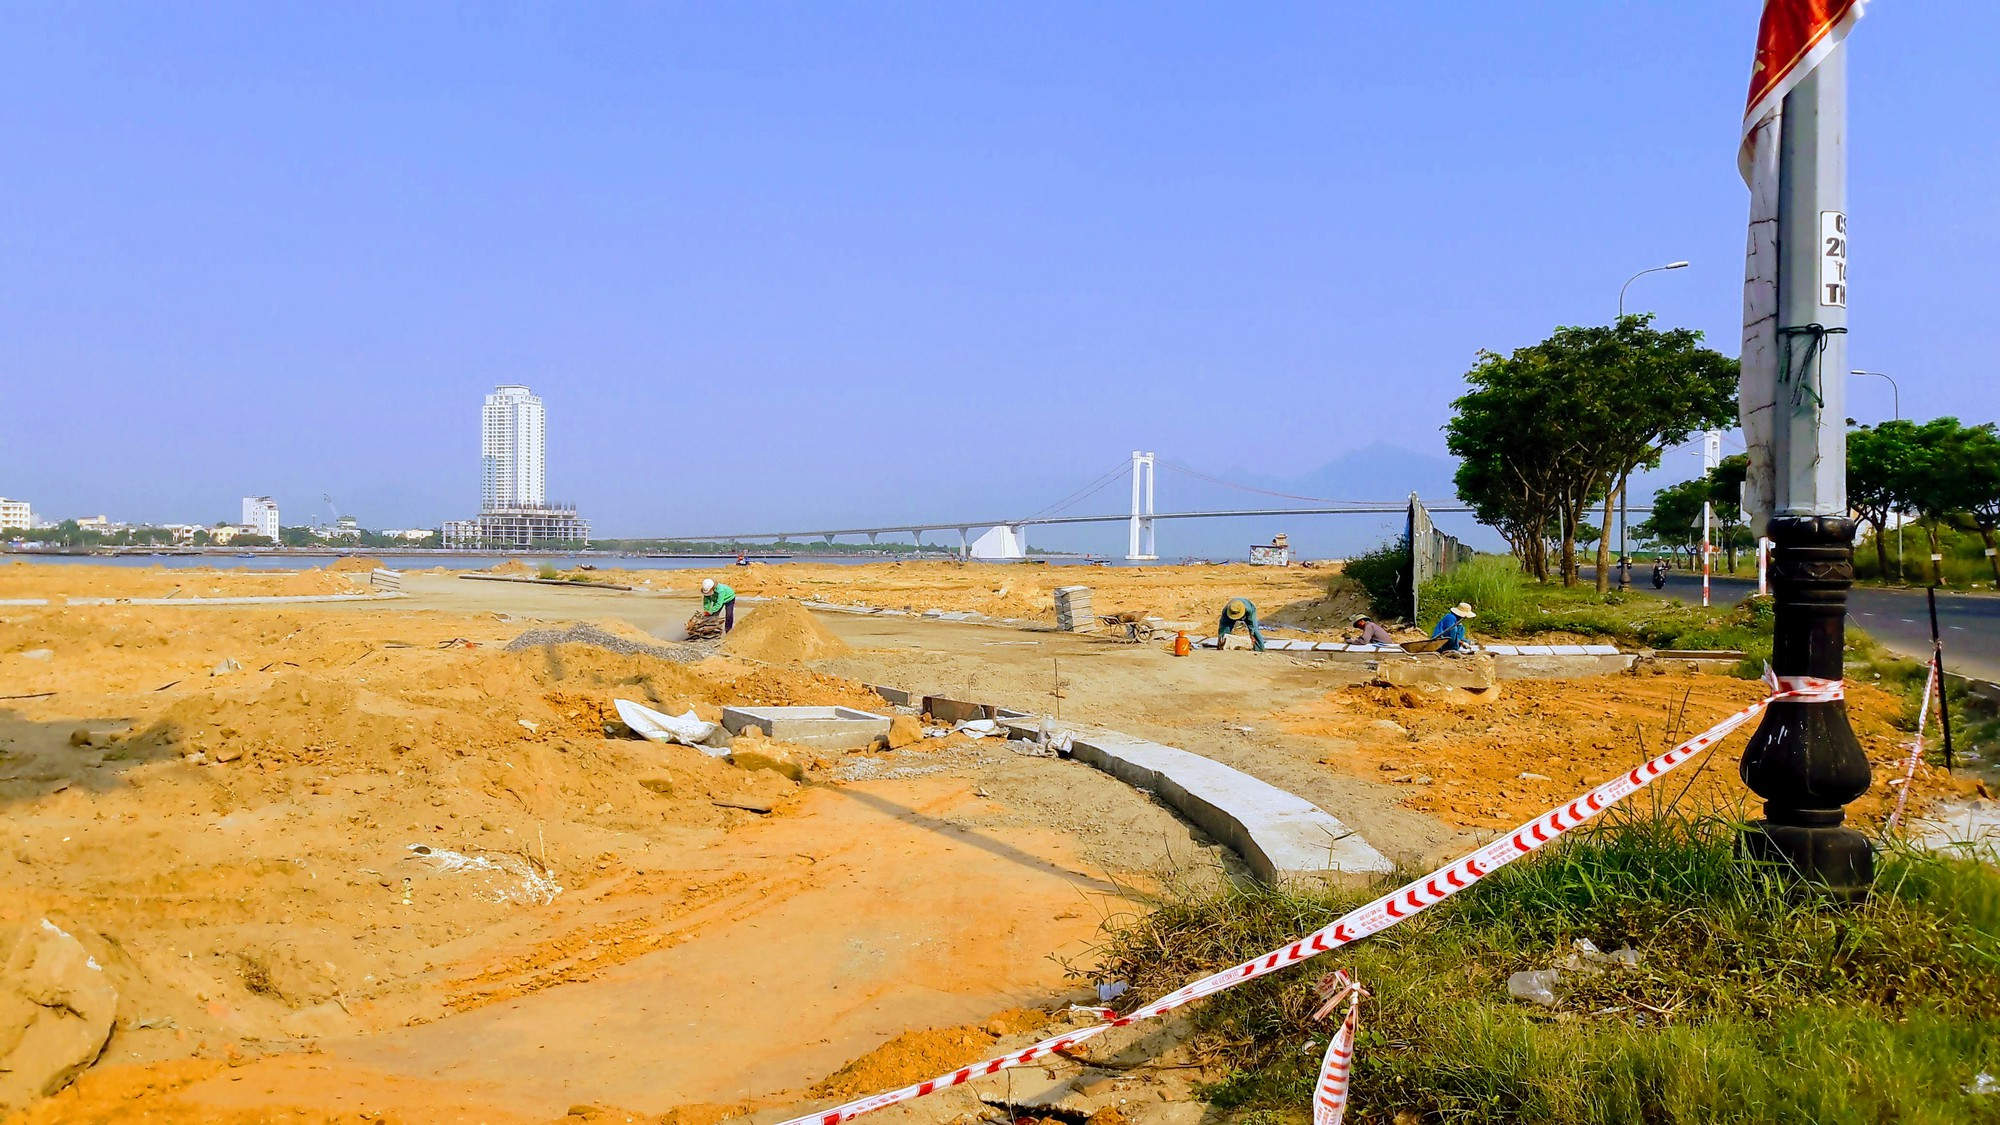 Chủ đầu tư hai dự án bất động sản lấn sông Hàn thống nhất dành khu ven sông làm công viên, lối đi bộ - Ảnh 10.